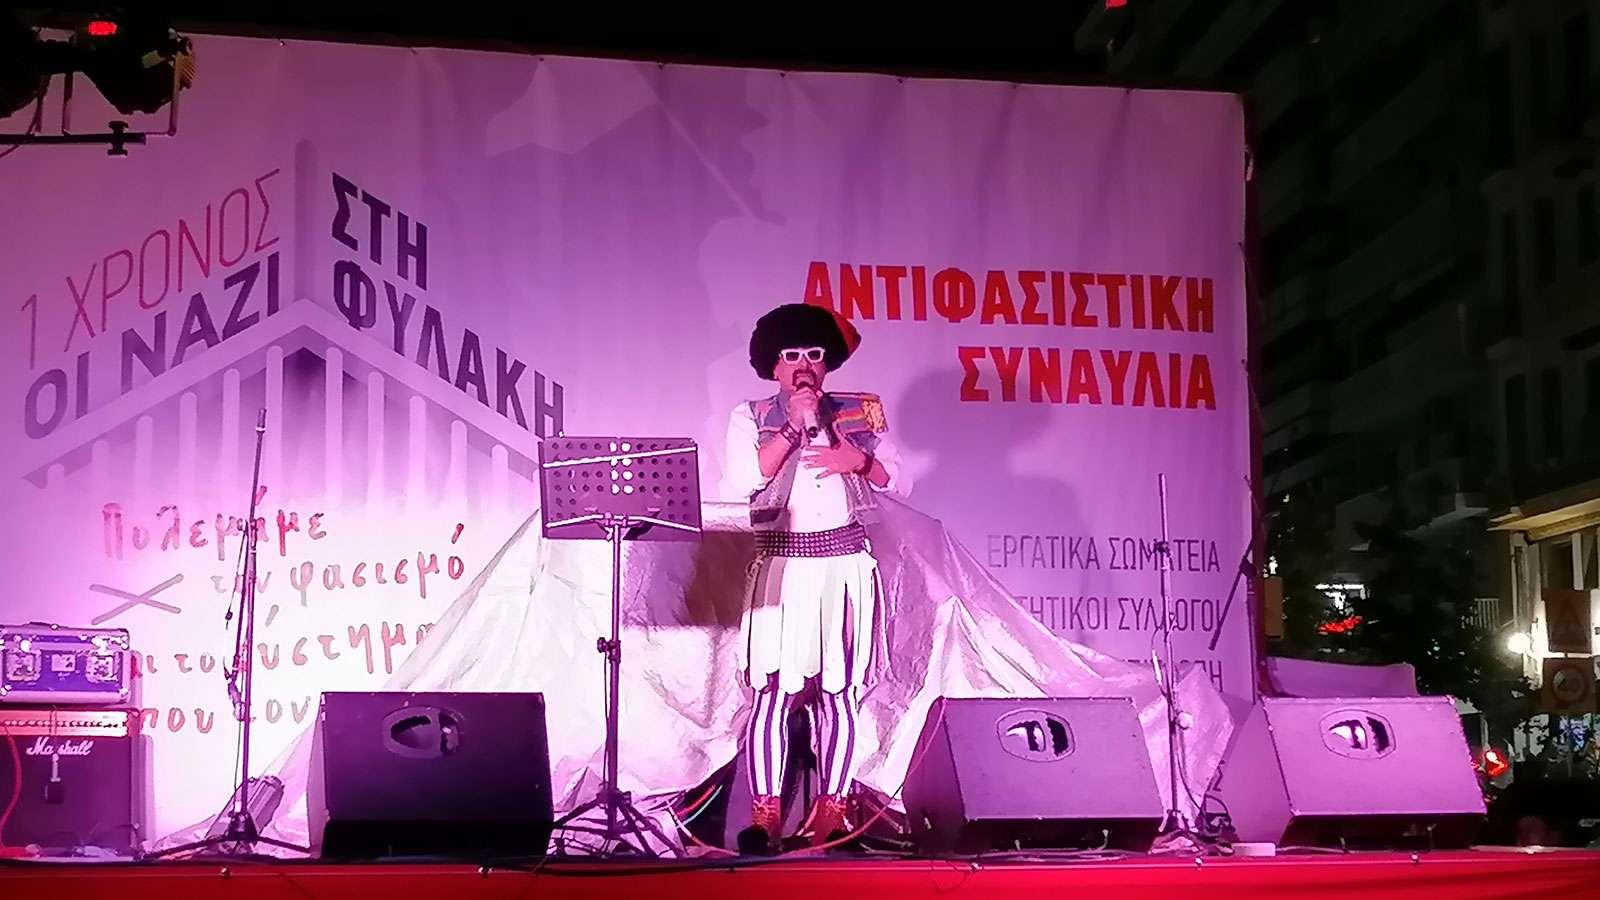 Θεσσαλονίκη «Δεν ξεχνάμε! Το φασισμό και το σύστημα που τον γεννά πολεμάμε!» -Τσολιάς